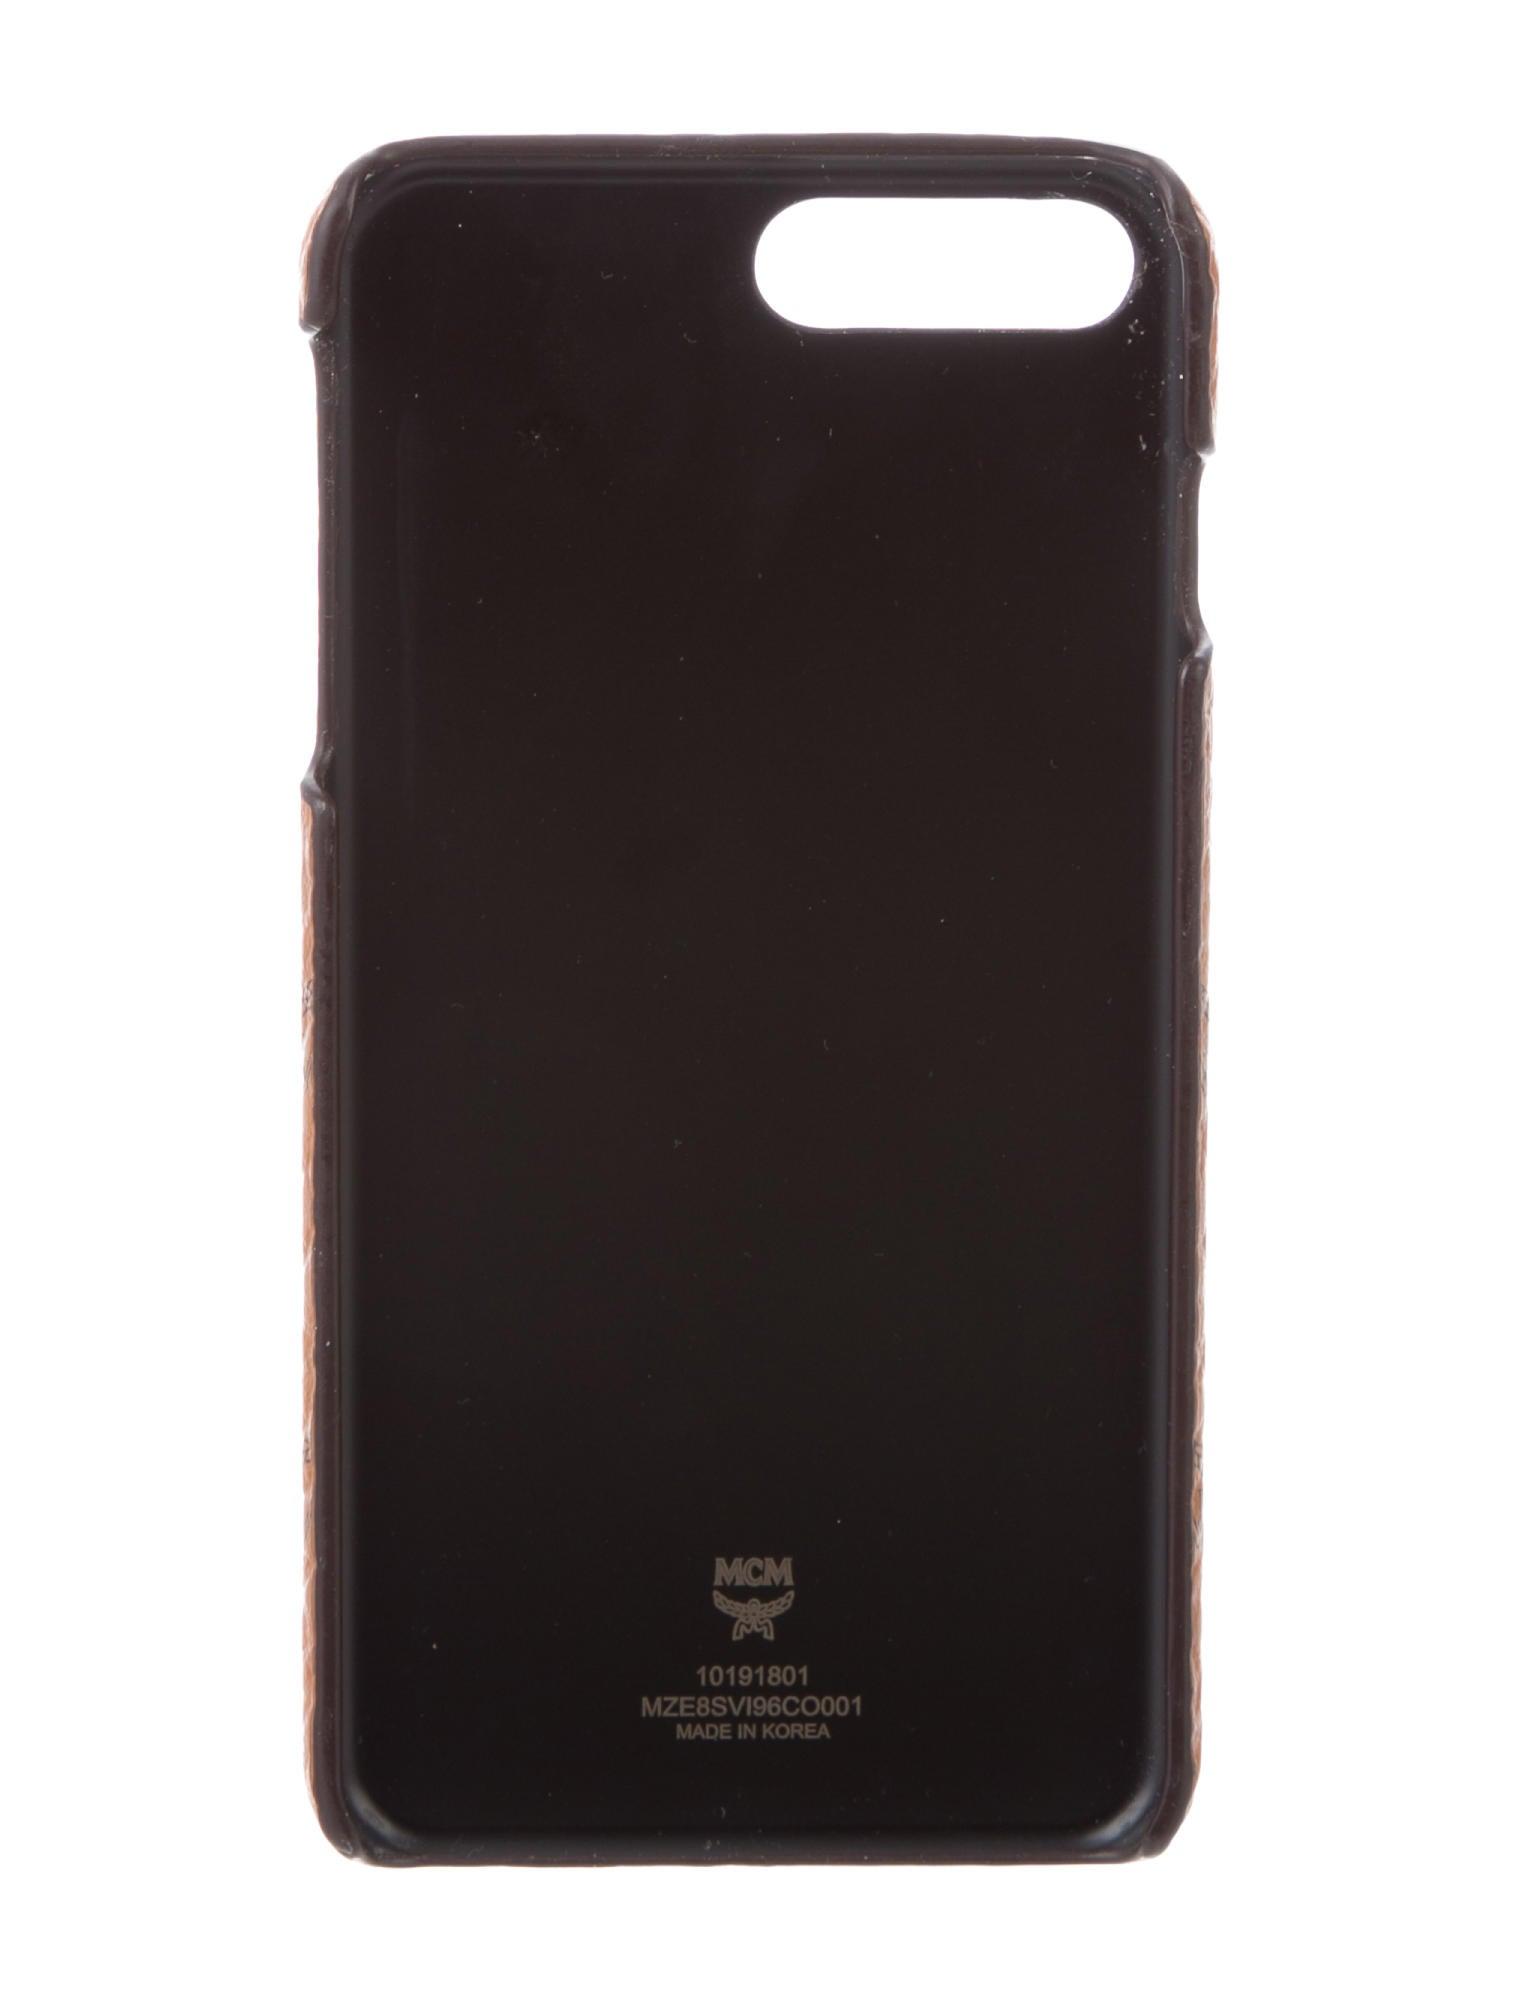 MCM Visetos iPhone 7/8 Plus Case - Accessories - W3026200 | The ...